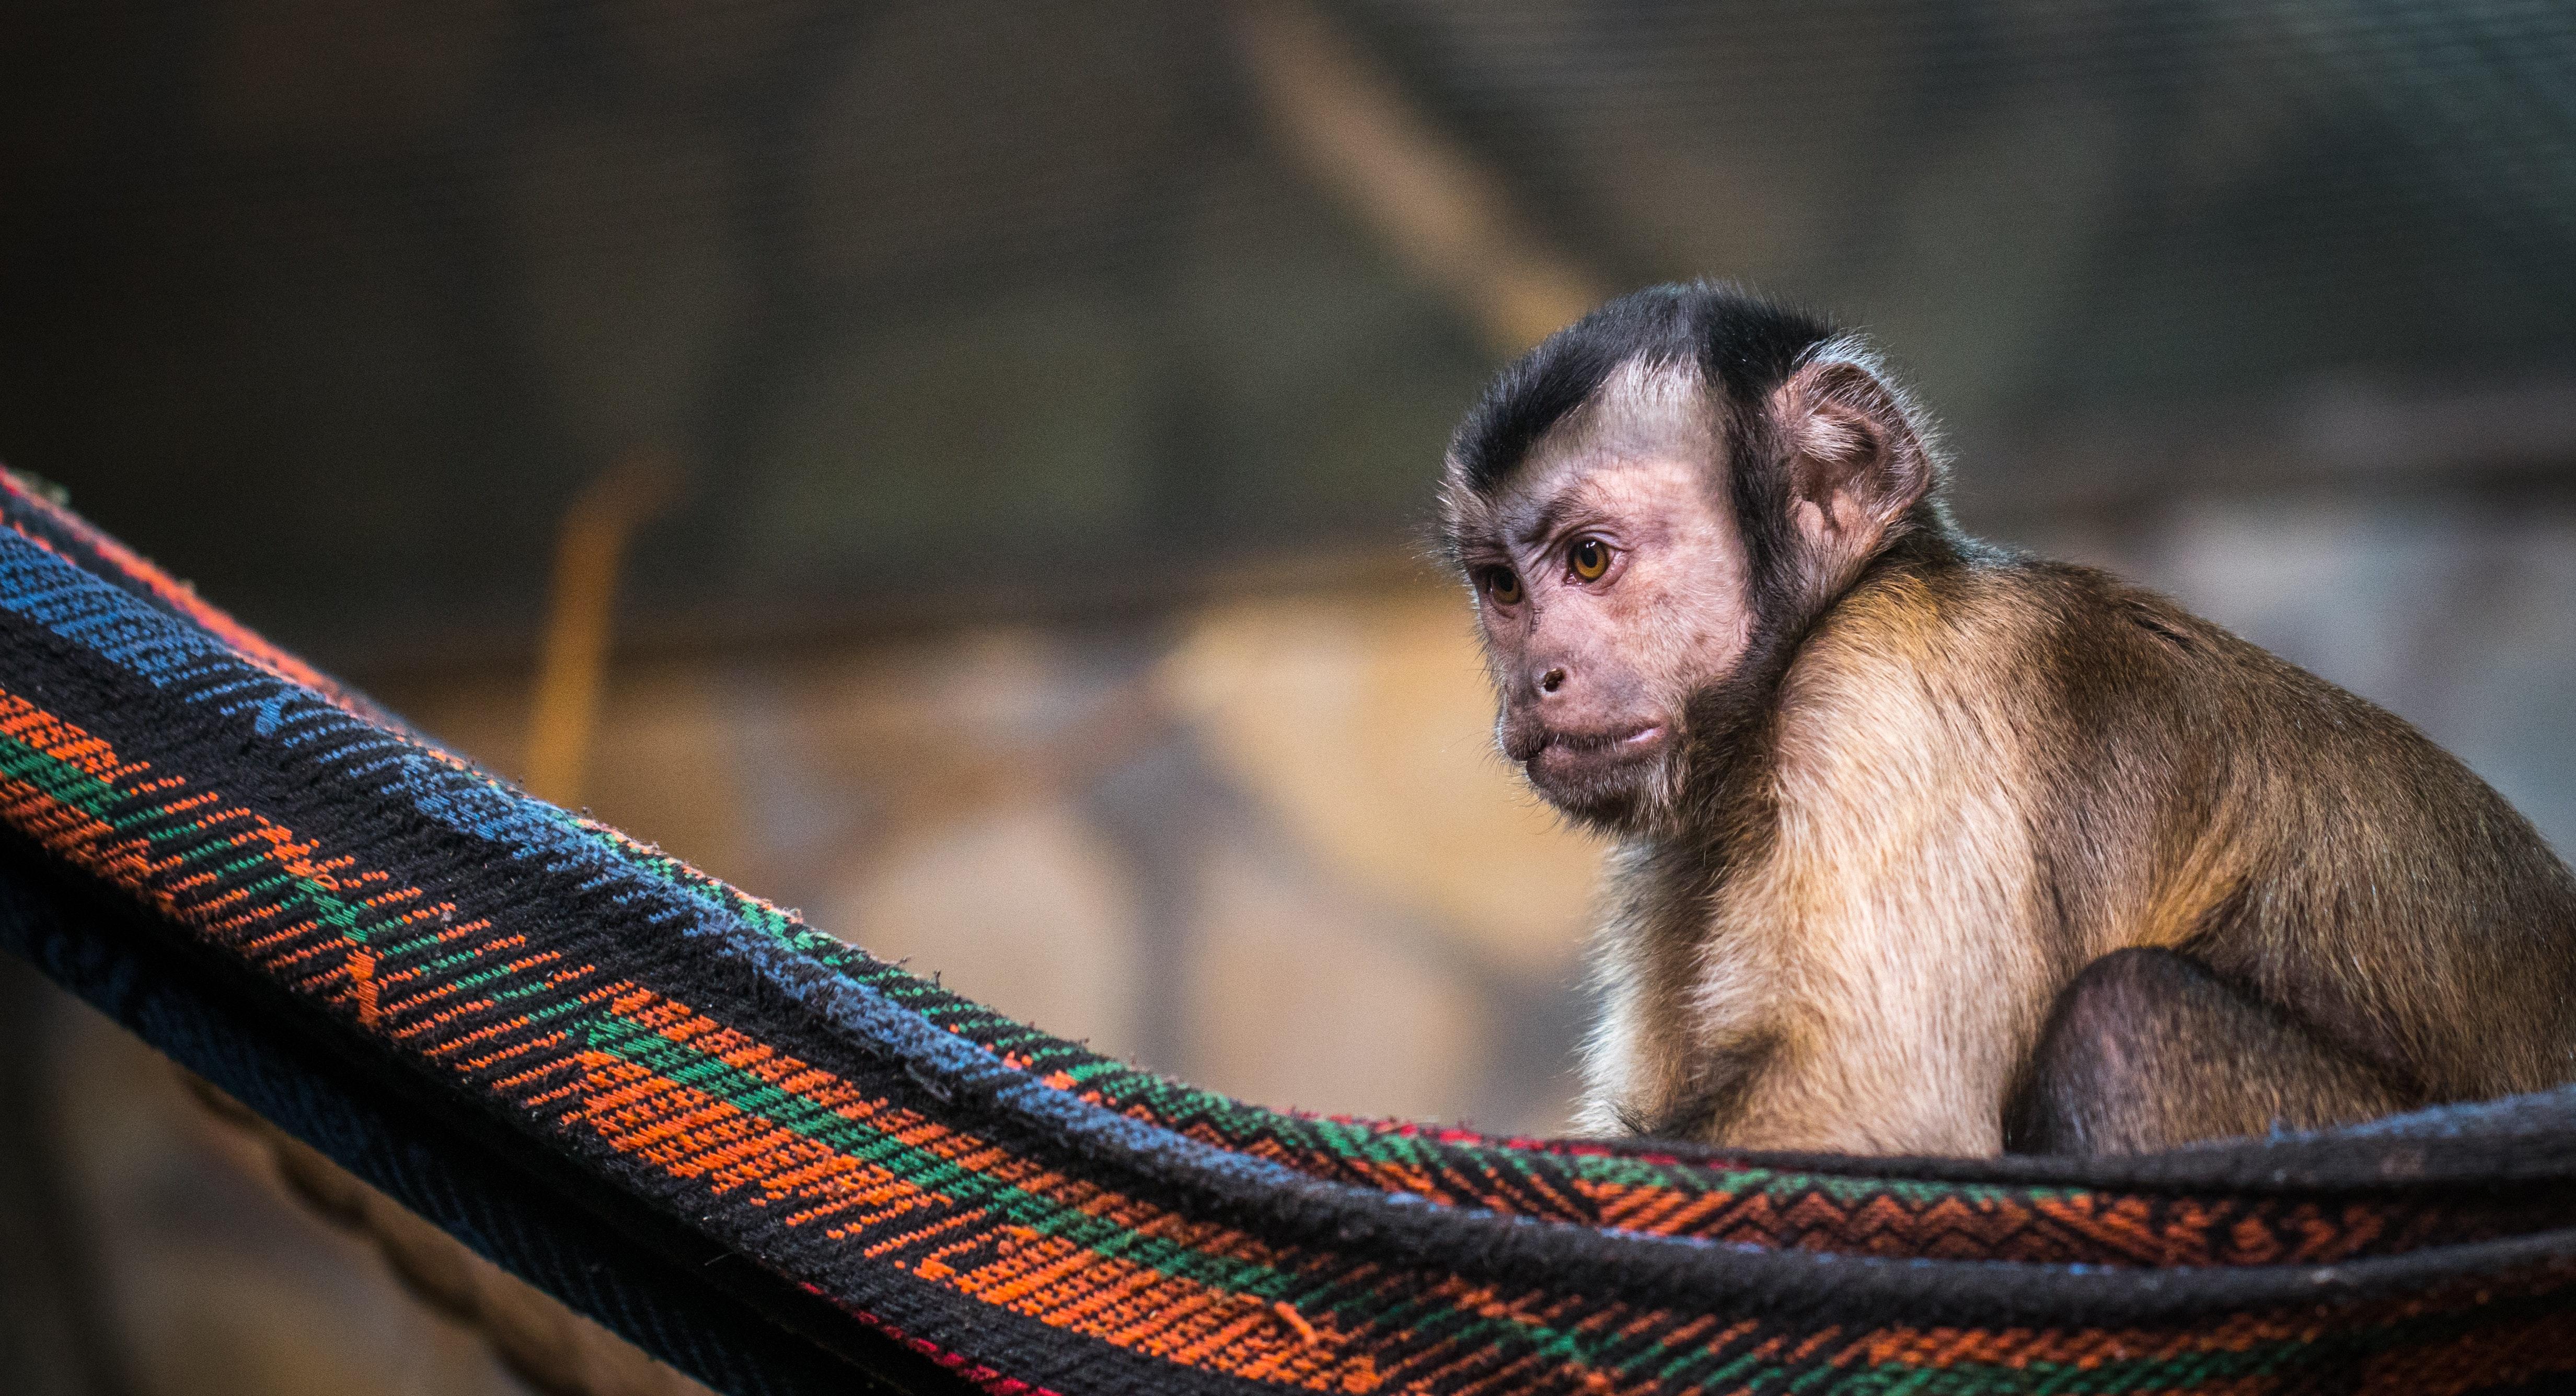 Kostenlose Foto Tier Tierfotografie Affe Baby Verwischen